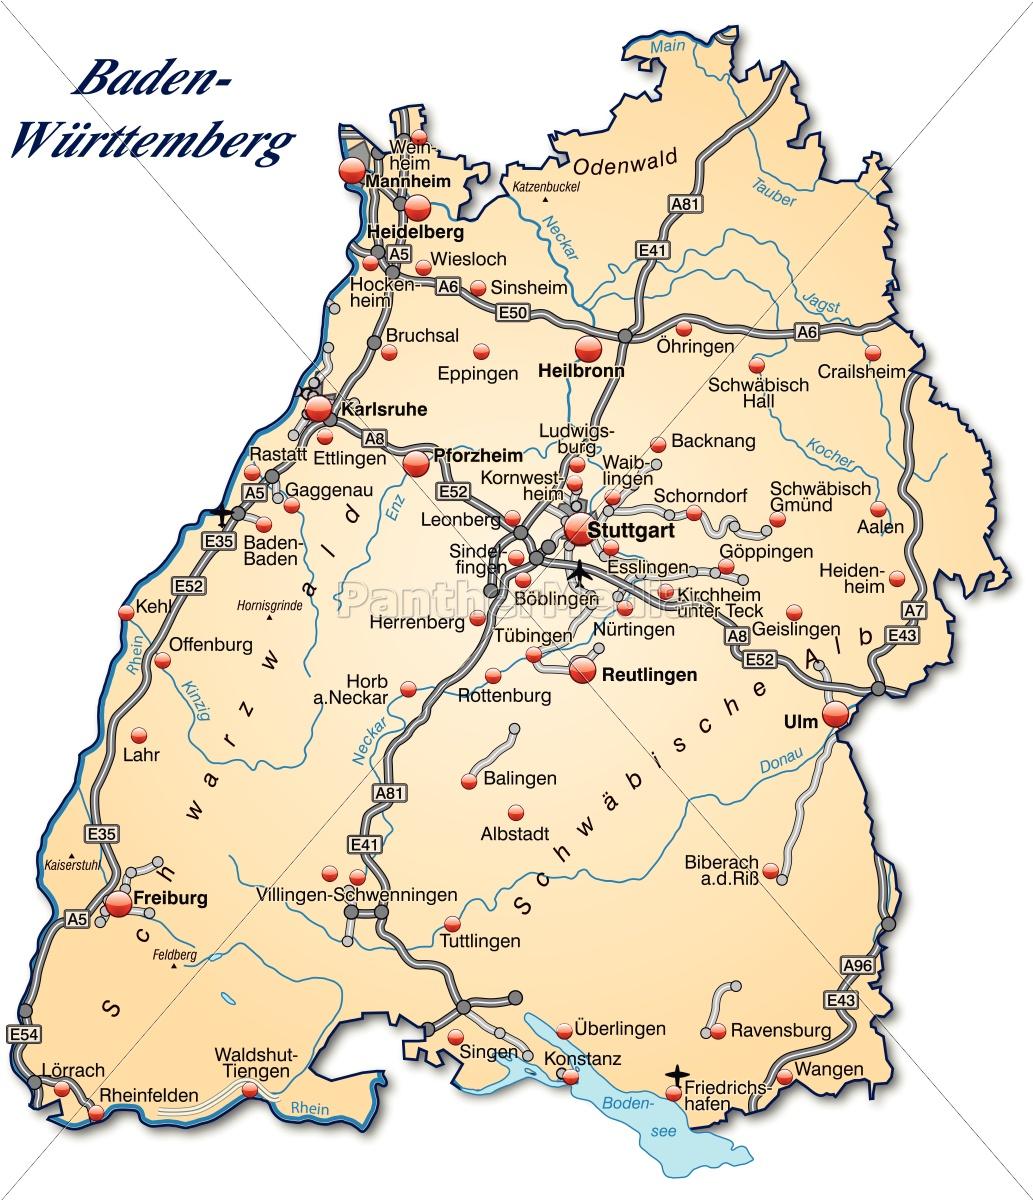 Baden Württemberg Karte.Lizenzfreie Vektorgrafik 10641073 Karte Von Baden Wuerttemberg Mit Verkehrsnetz In Pastellorange